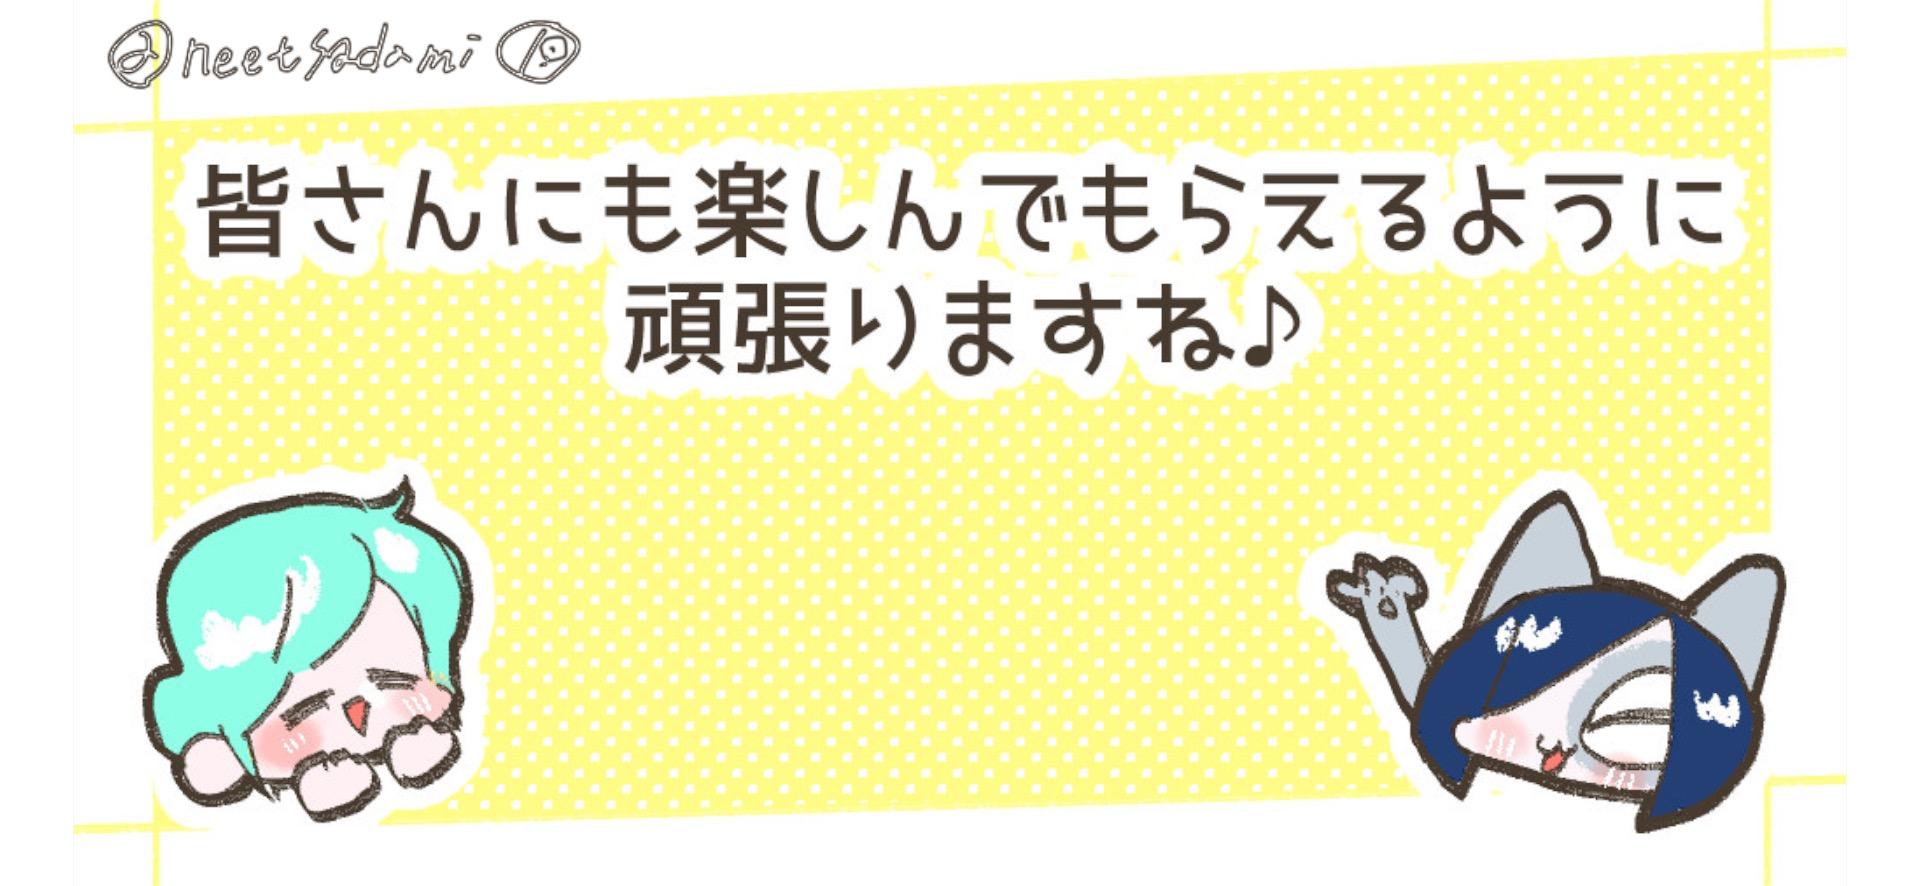 neetsadami.com_7話05